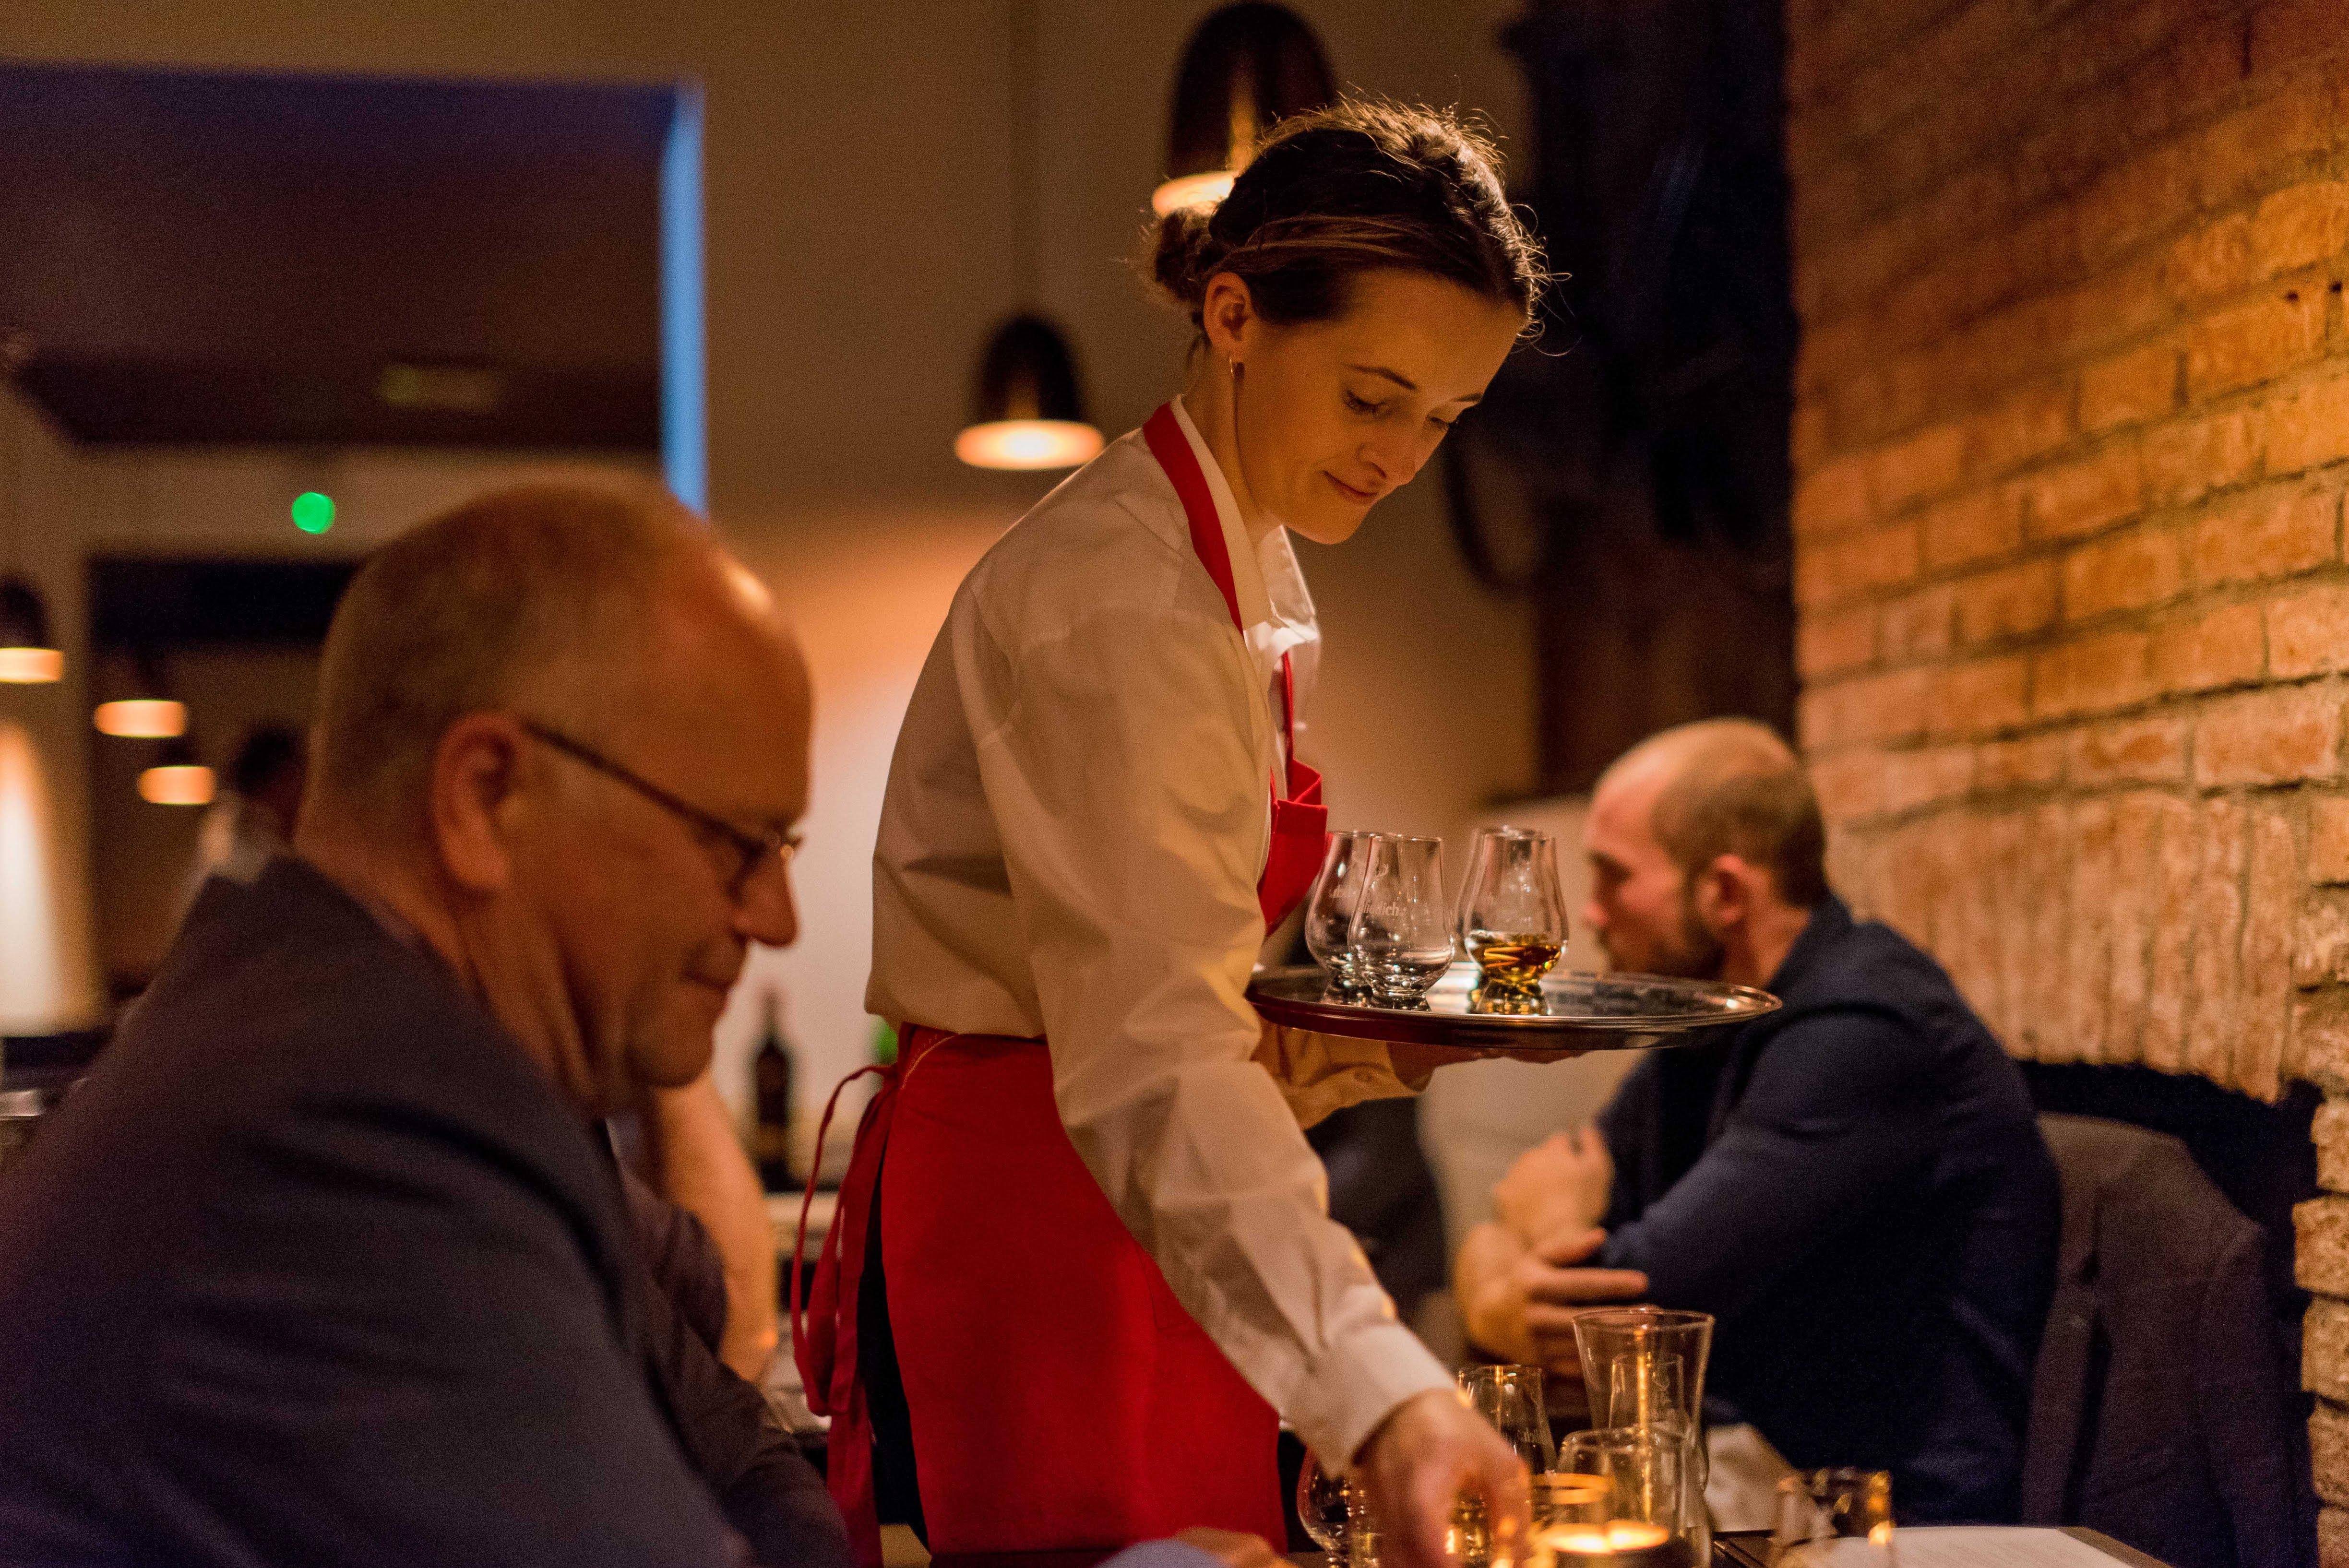 A Glenfiddich Tasting Dinner at The Mint Room, Bristol